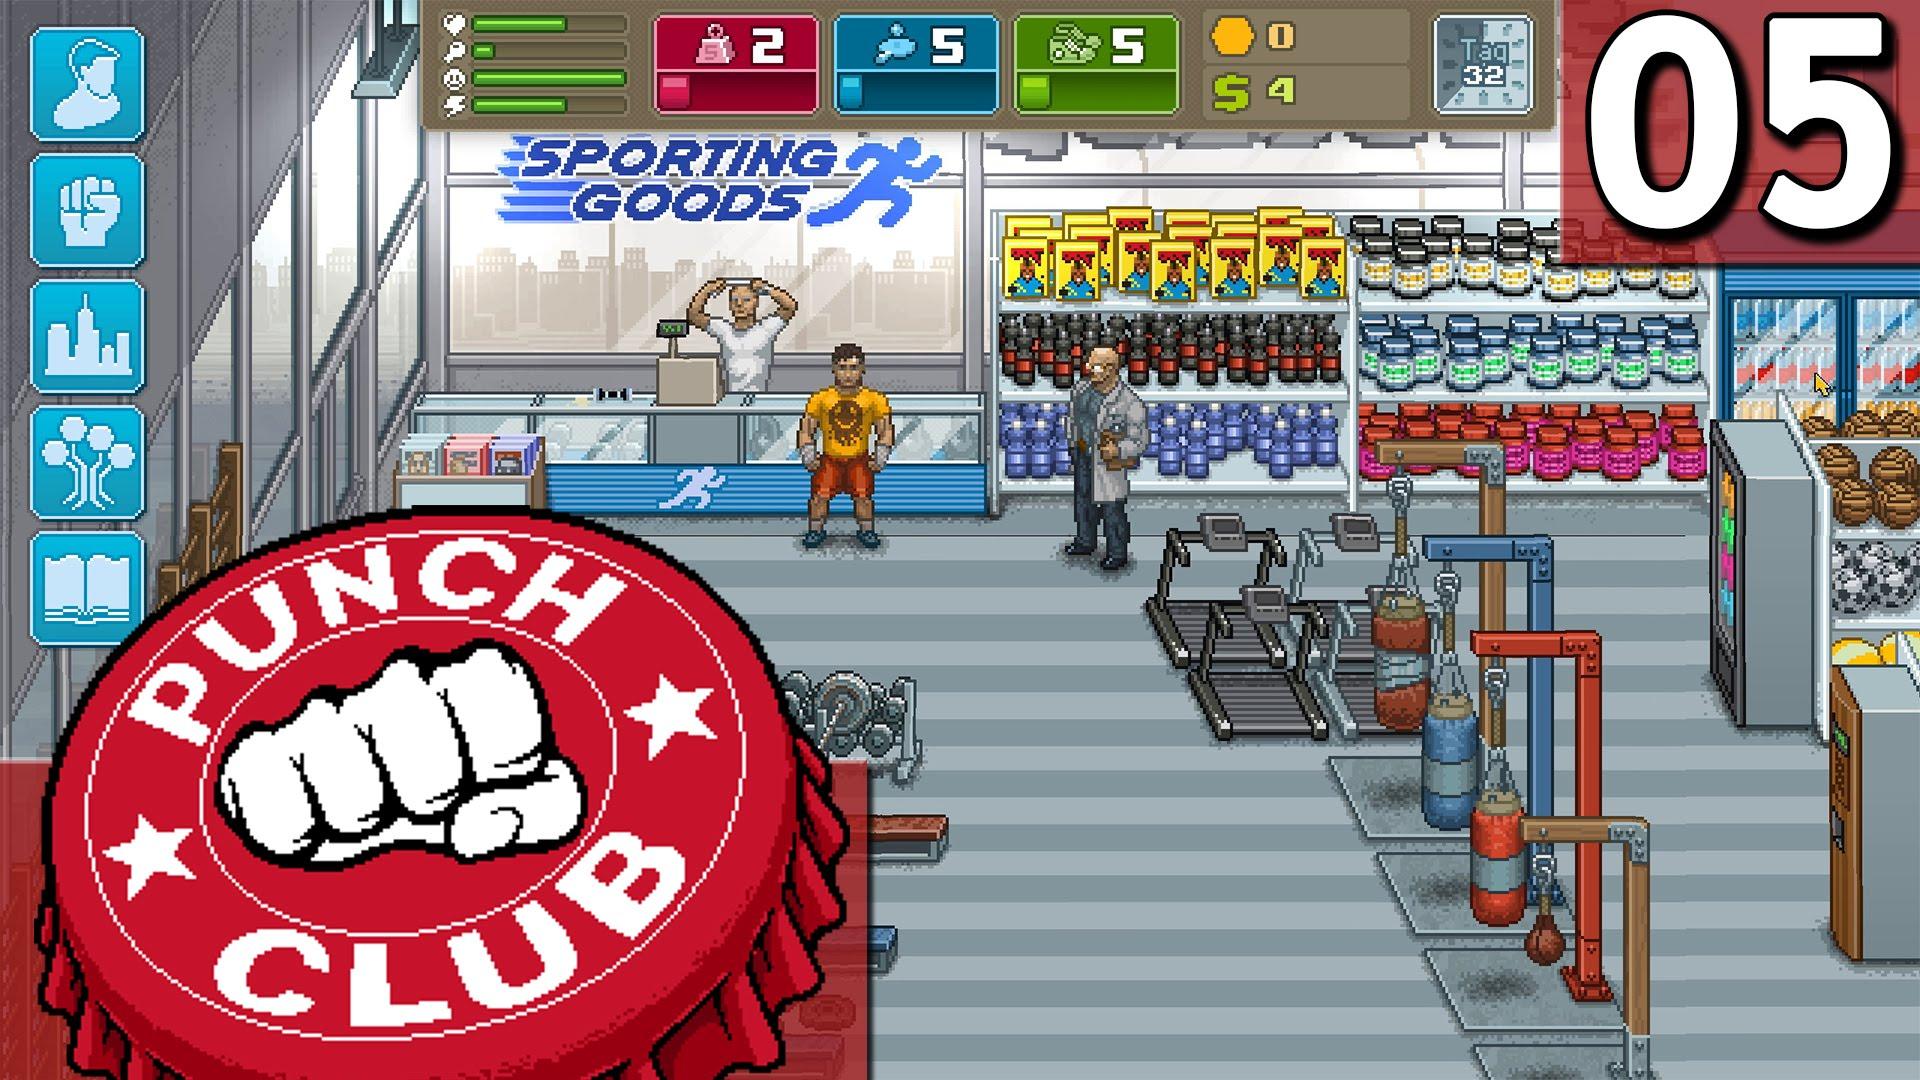 Punch-Club-5-NEUER-FREUND-Box-WiSim-Retro-Style-attachment